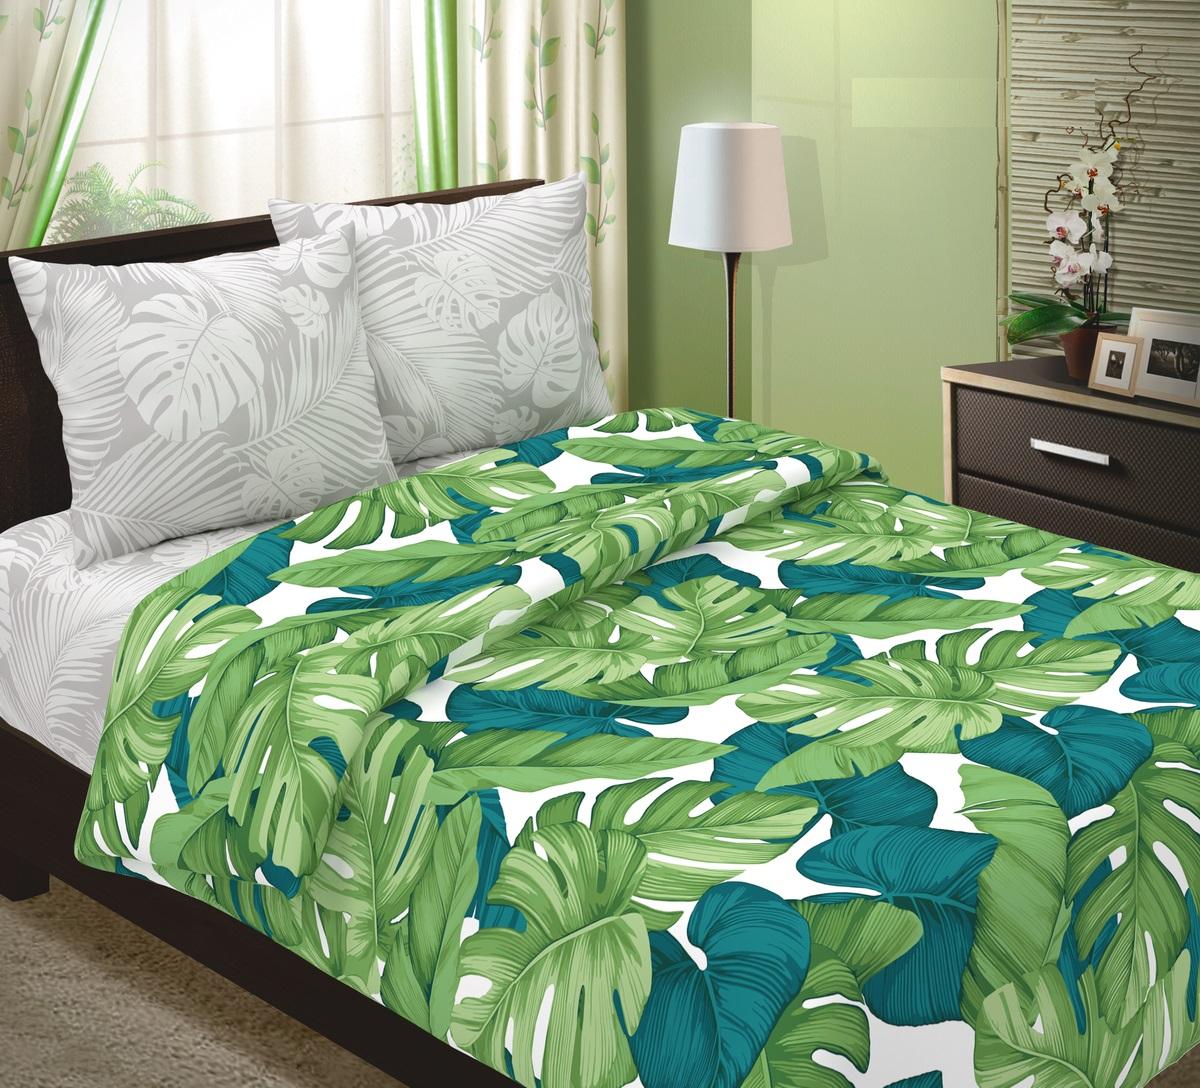 Комплект постельного белья ТК Традиция Традиция, для сна и отдыха, зеленый